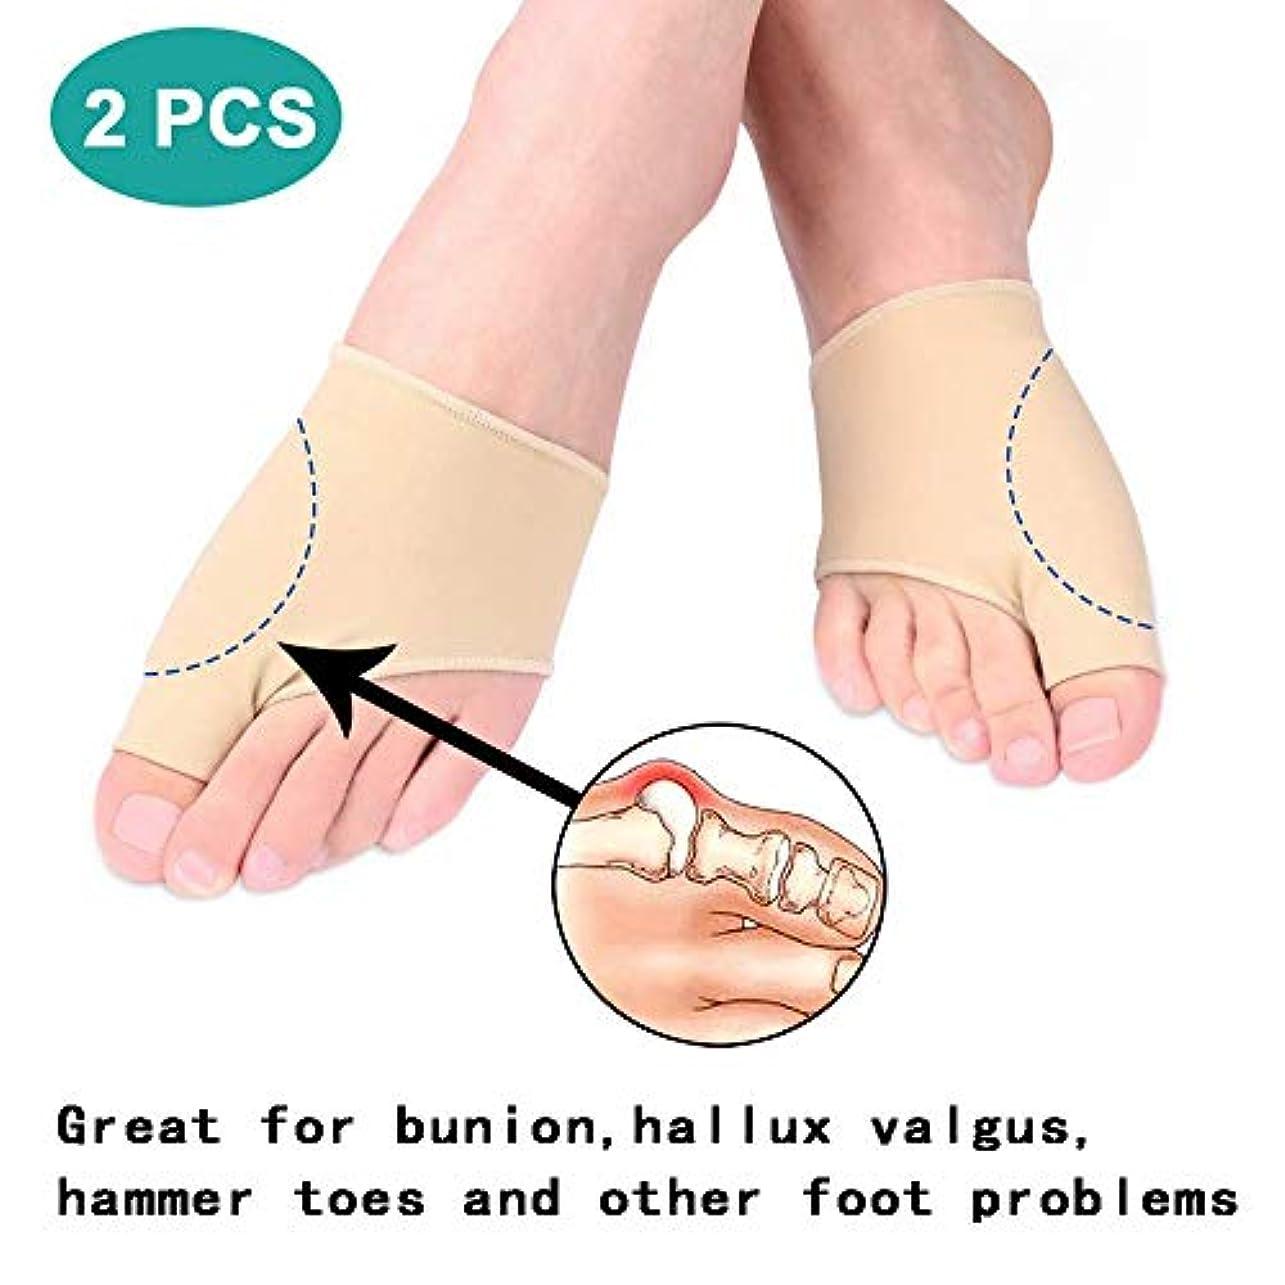 男性不測の事態セクション外反母Valの痛みを軽減するジェルパッドを内蔵した昼間および夜間の親指ペア外反矯正装置の大きなつま先外反プロテクターBunion緩和スリーブ1組(アプリコット色)